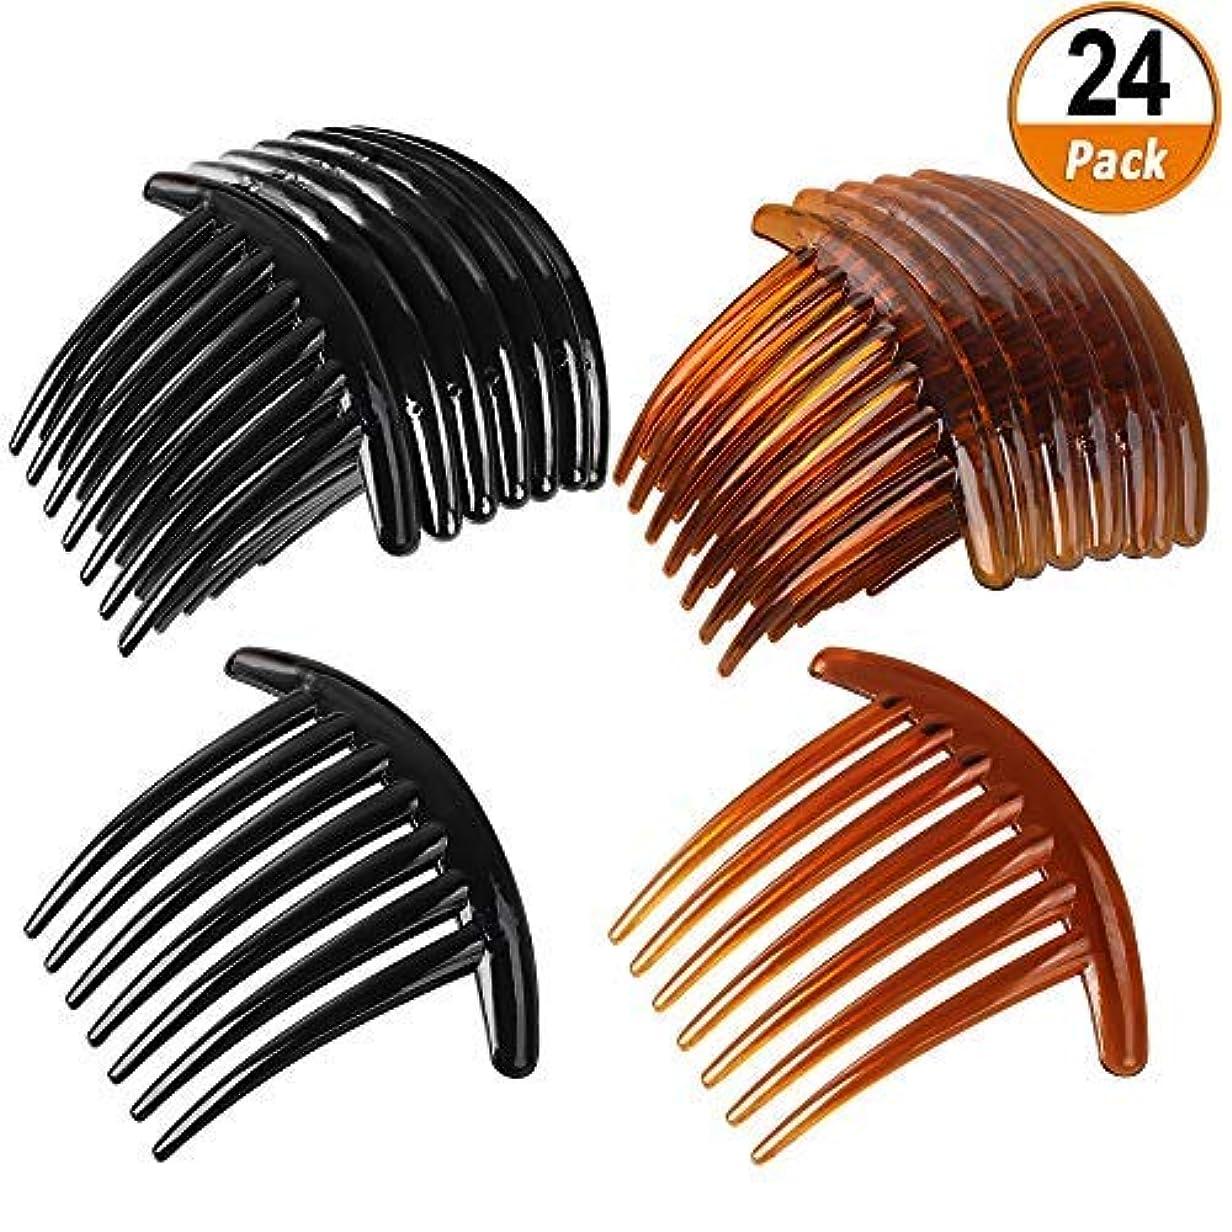 豆取り消すすなわち24 PCS 7 Tooth French Twist Comb Plastic Hair Clip Hair Side Combs Hair Accessory for Women Girls (Black and Brown...